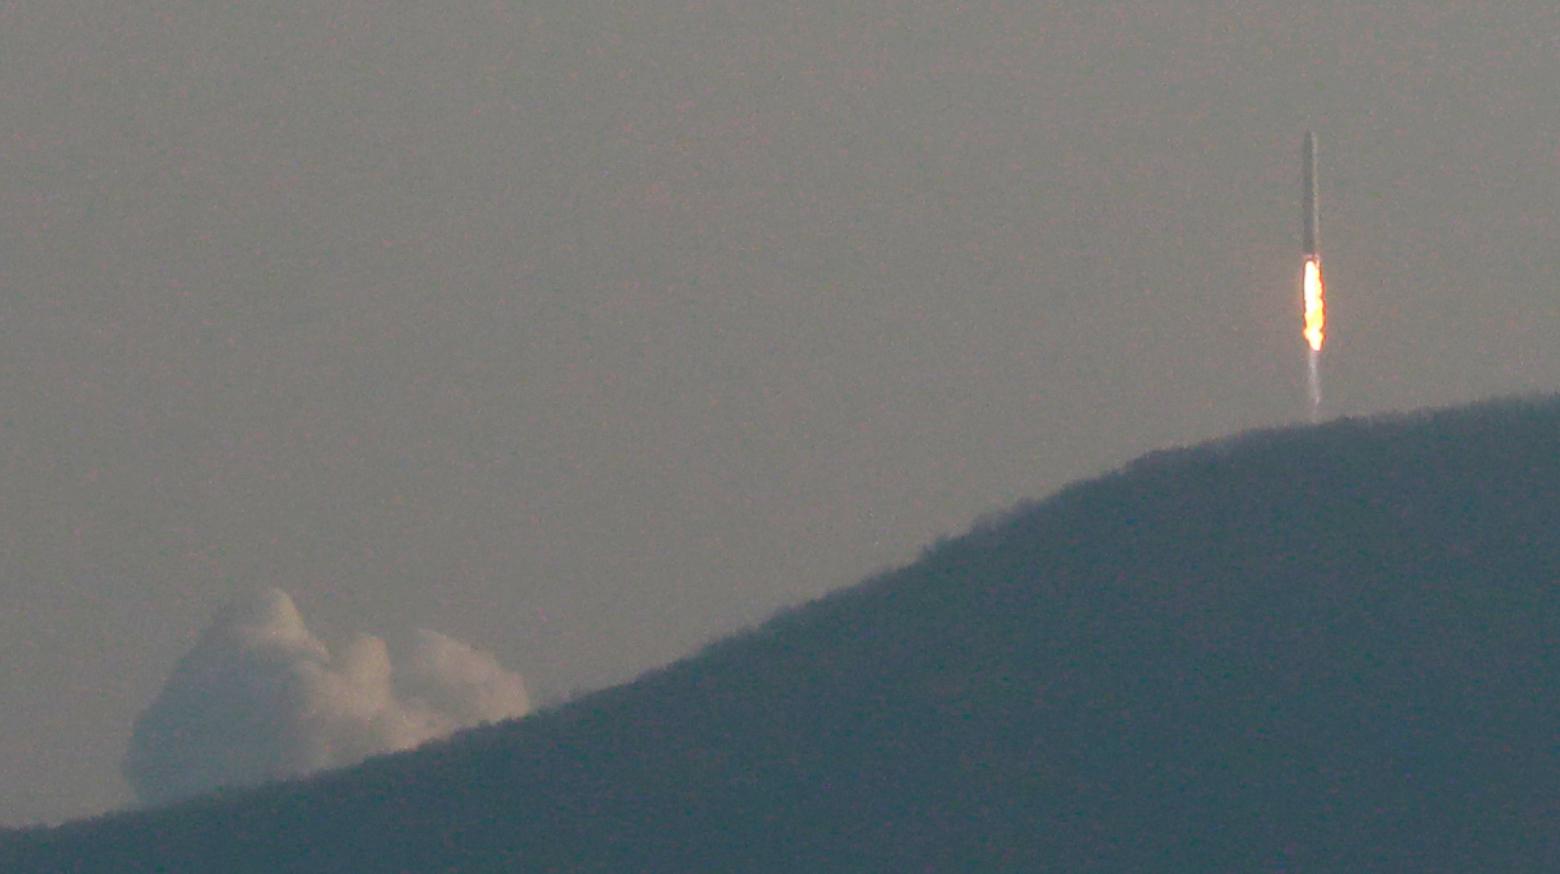 28일 오후 전남 고흥군 봉래면 나로우주센터 발사대에서 한국형 발사체 누리호 엔진의 시험발사체가 발사되고 있다.연합뉴스